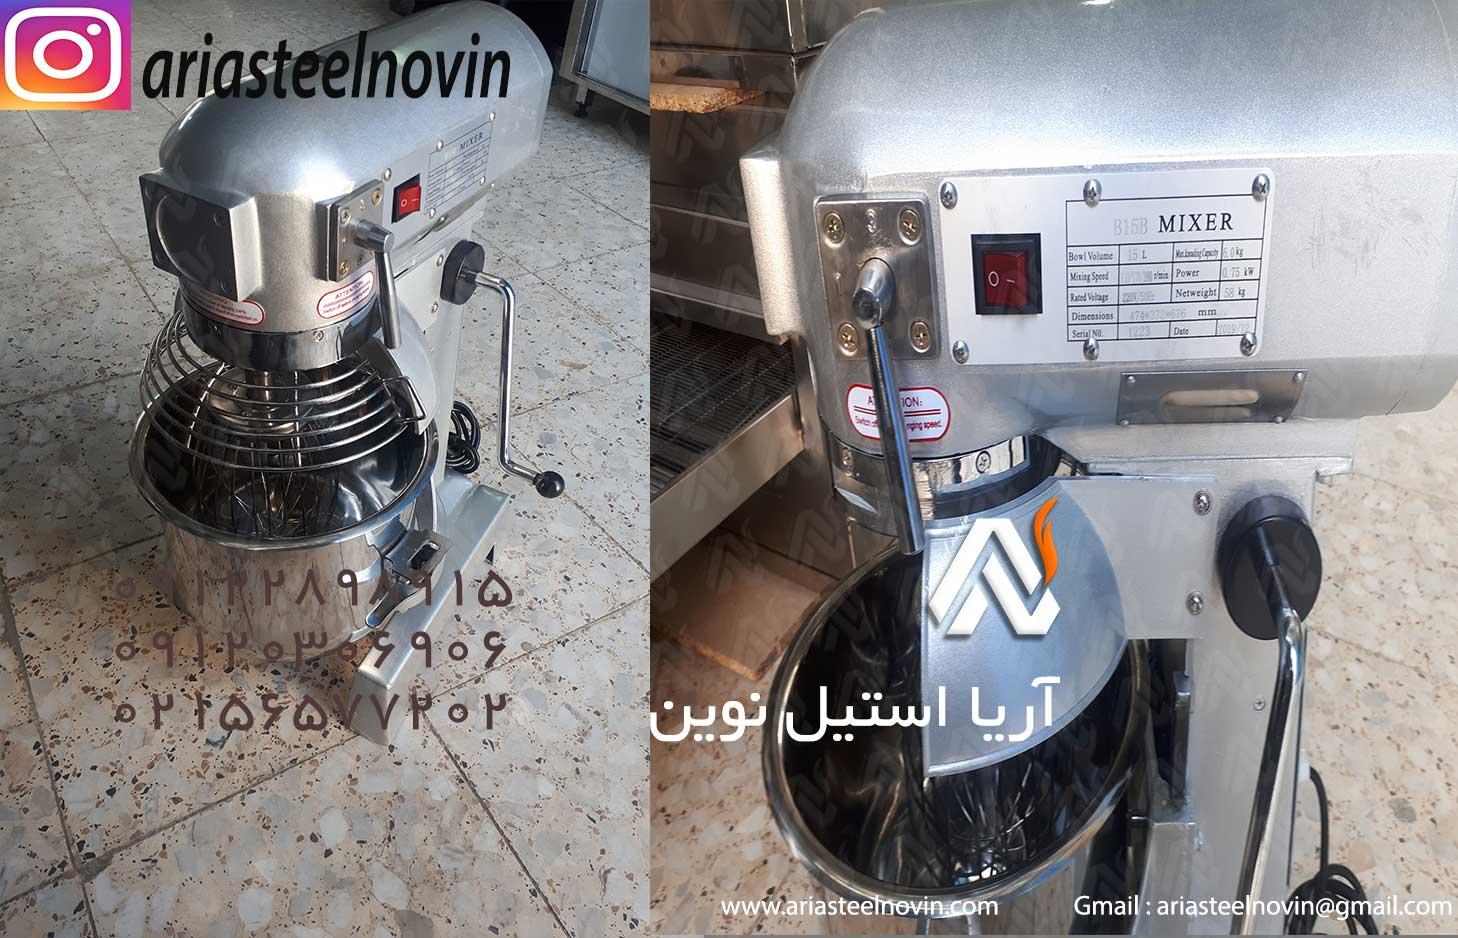 مشخصات-فنی-دستگاه میکسر قنادی 15 لیتری